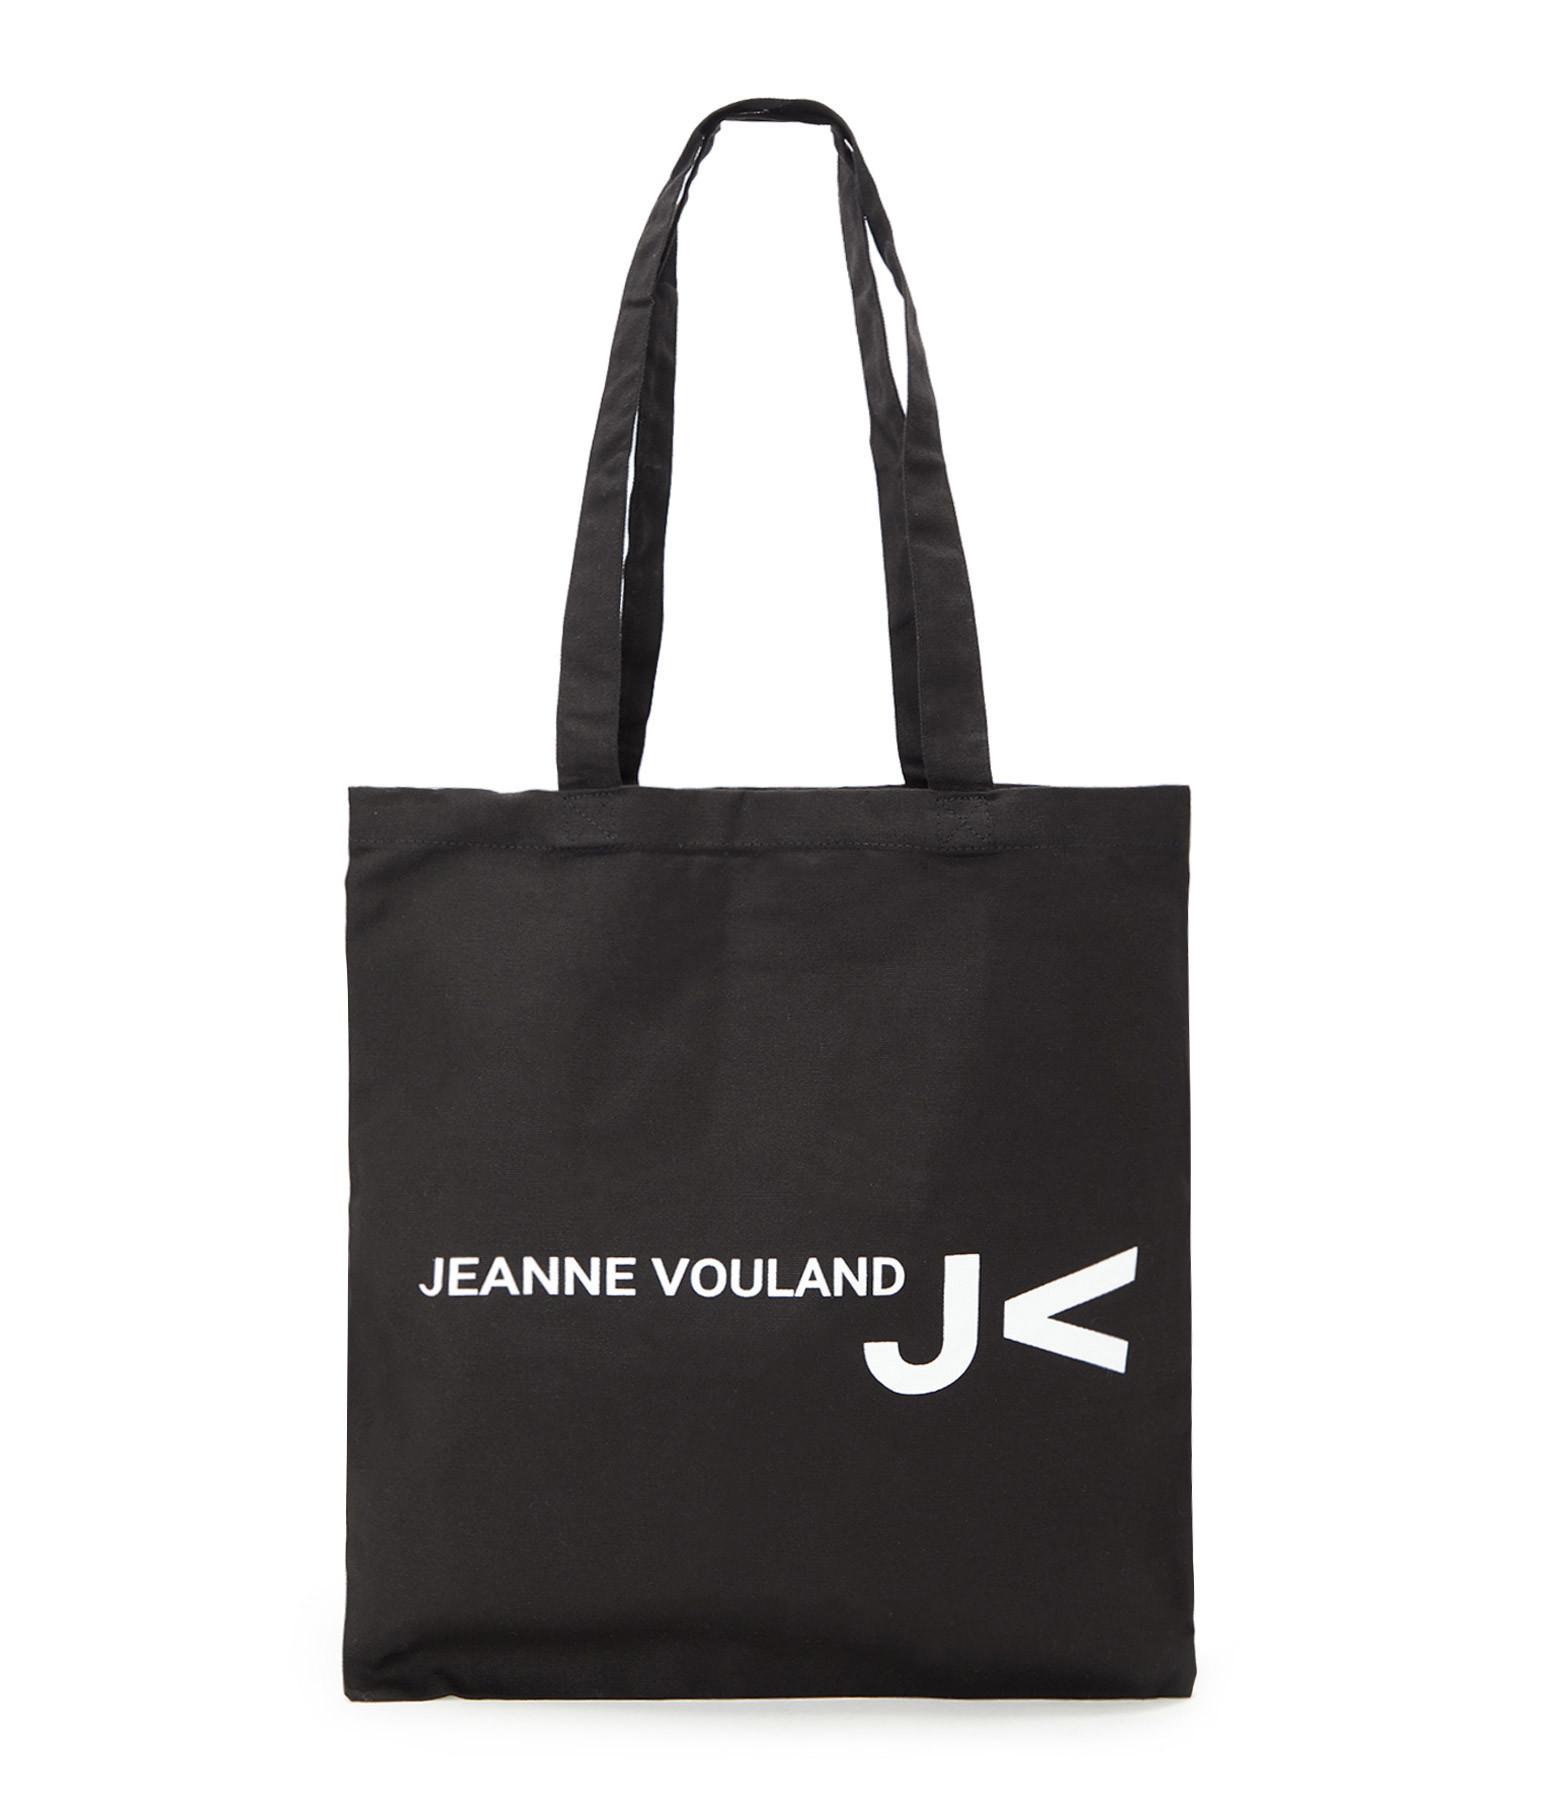 JEANNE VOULAND - Tote bag Jeanne Vouland Noir